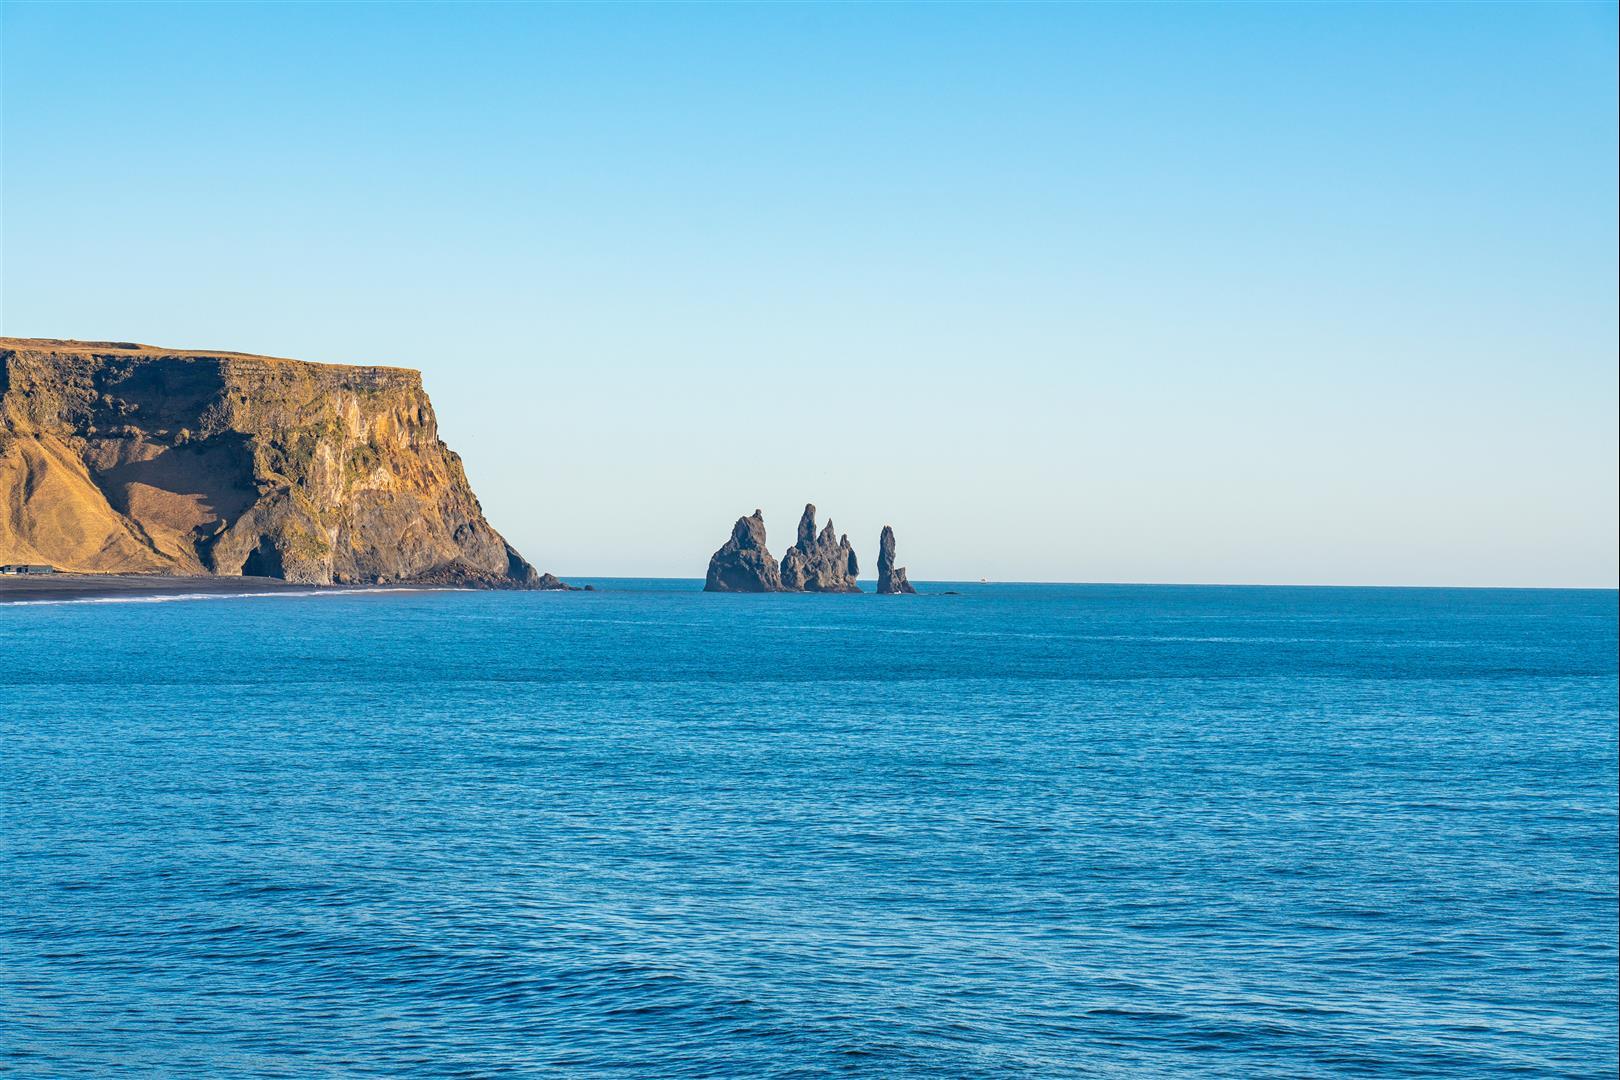 迪霍拉里半島 Dyrholaey